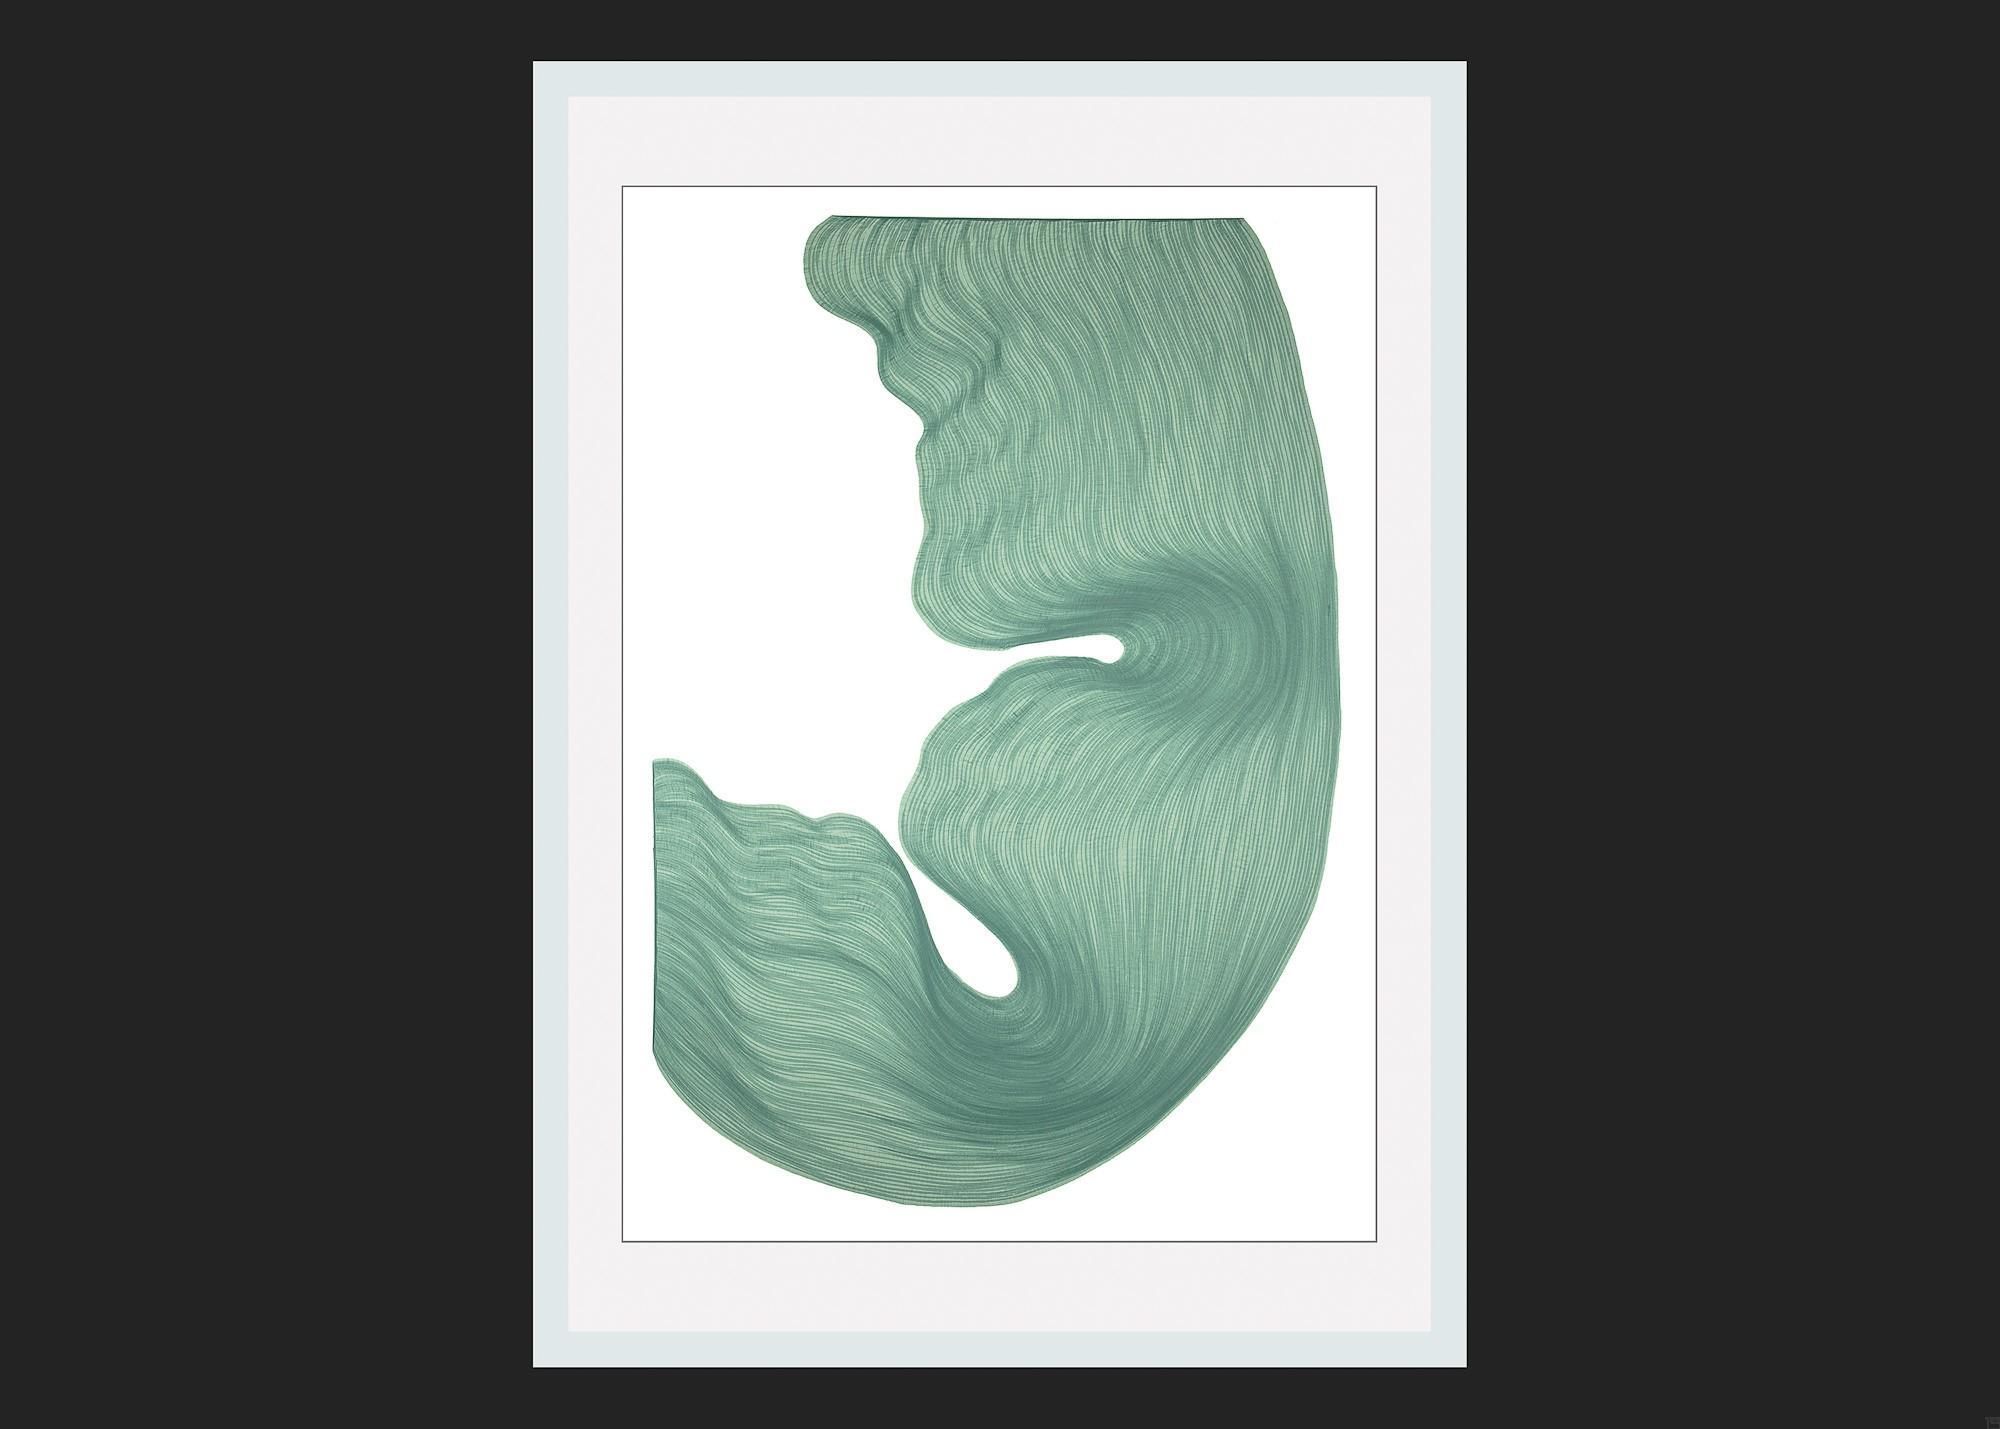 Burly Alabaster | Lali Torma | Zeichnung | Kalligraphie Tinte auf Papier - gerahmt